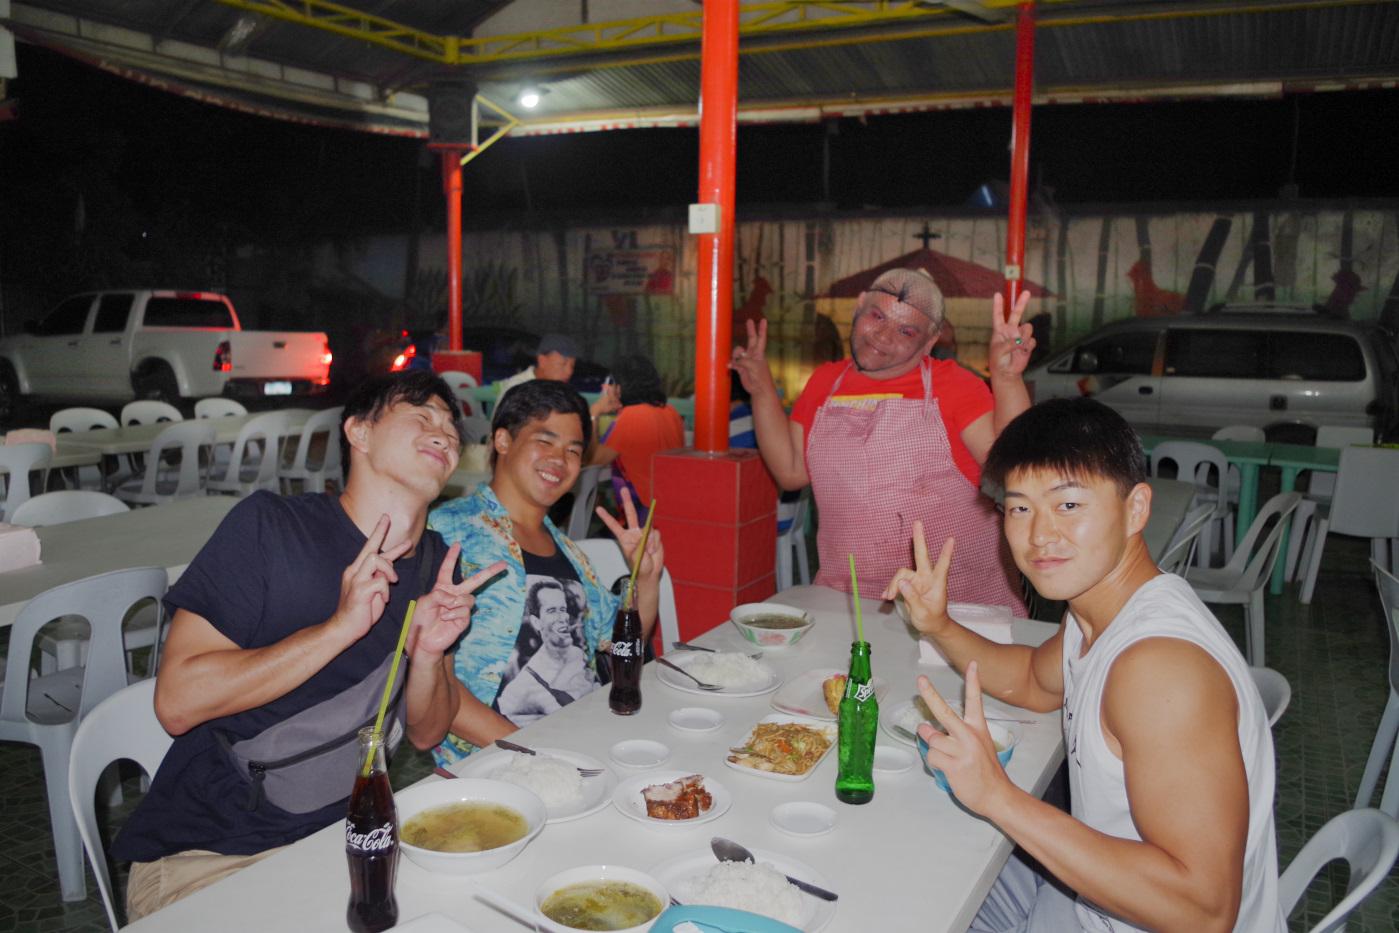 コンチンで夕食をとる男性3名とゲイ